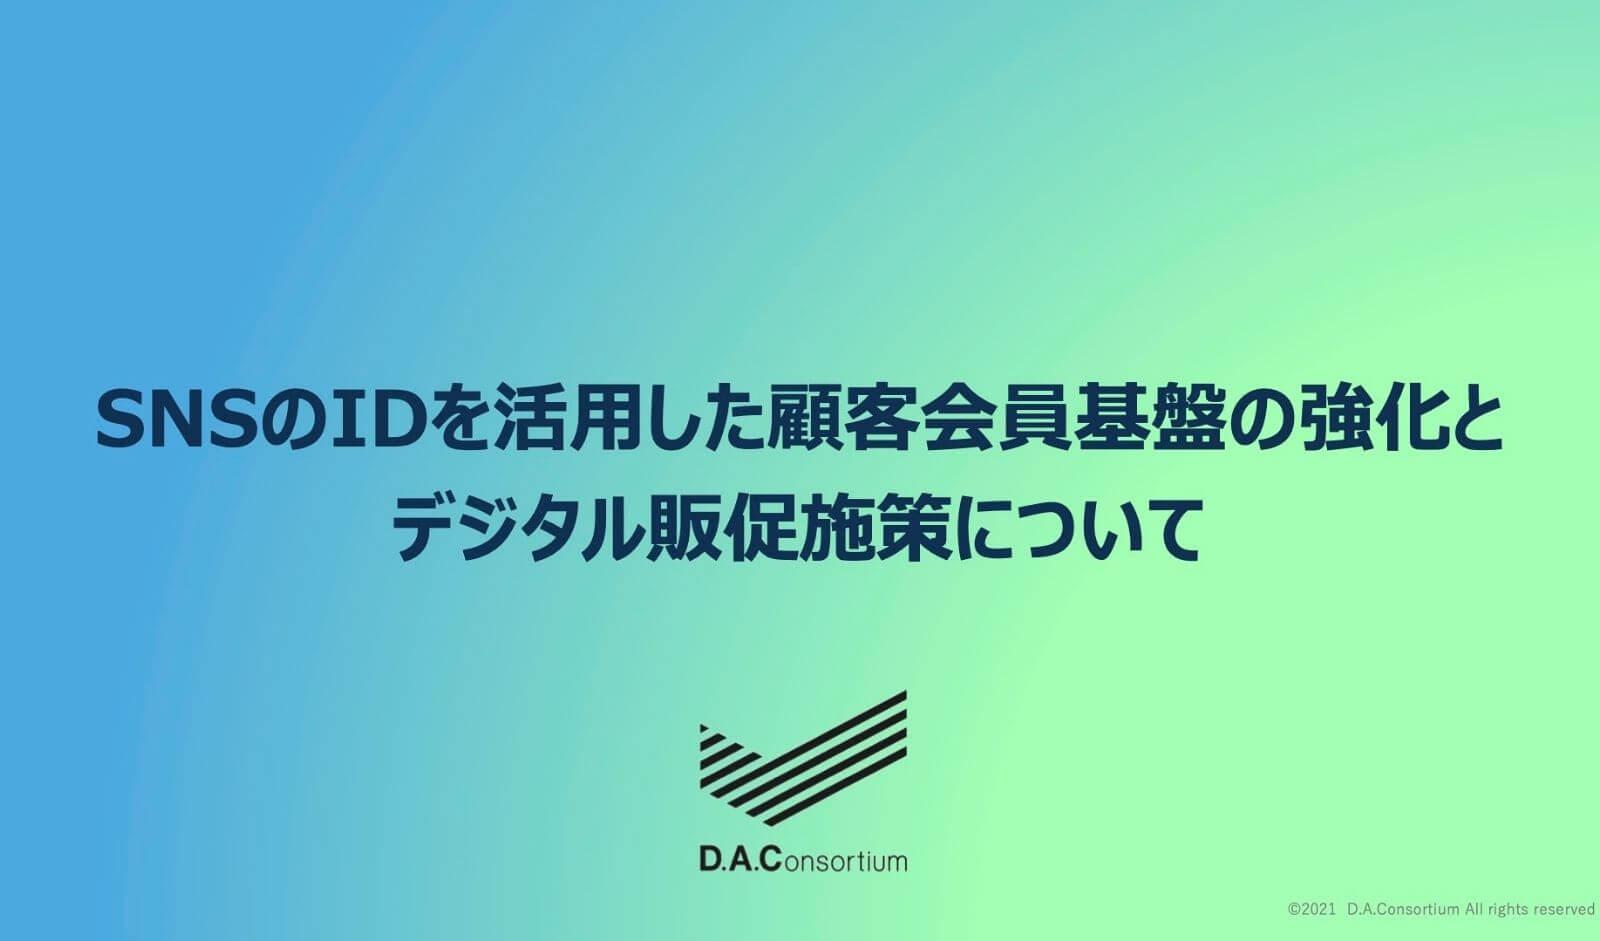 SNSのIDを活用した顧客会員基盤の強化とデジタル販促施策